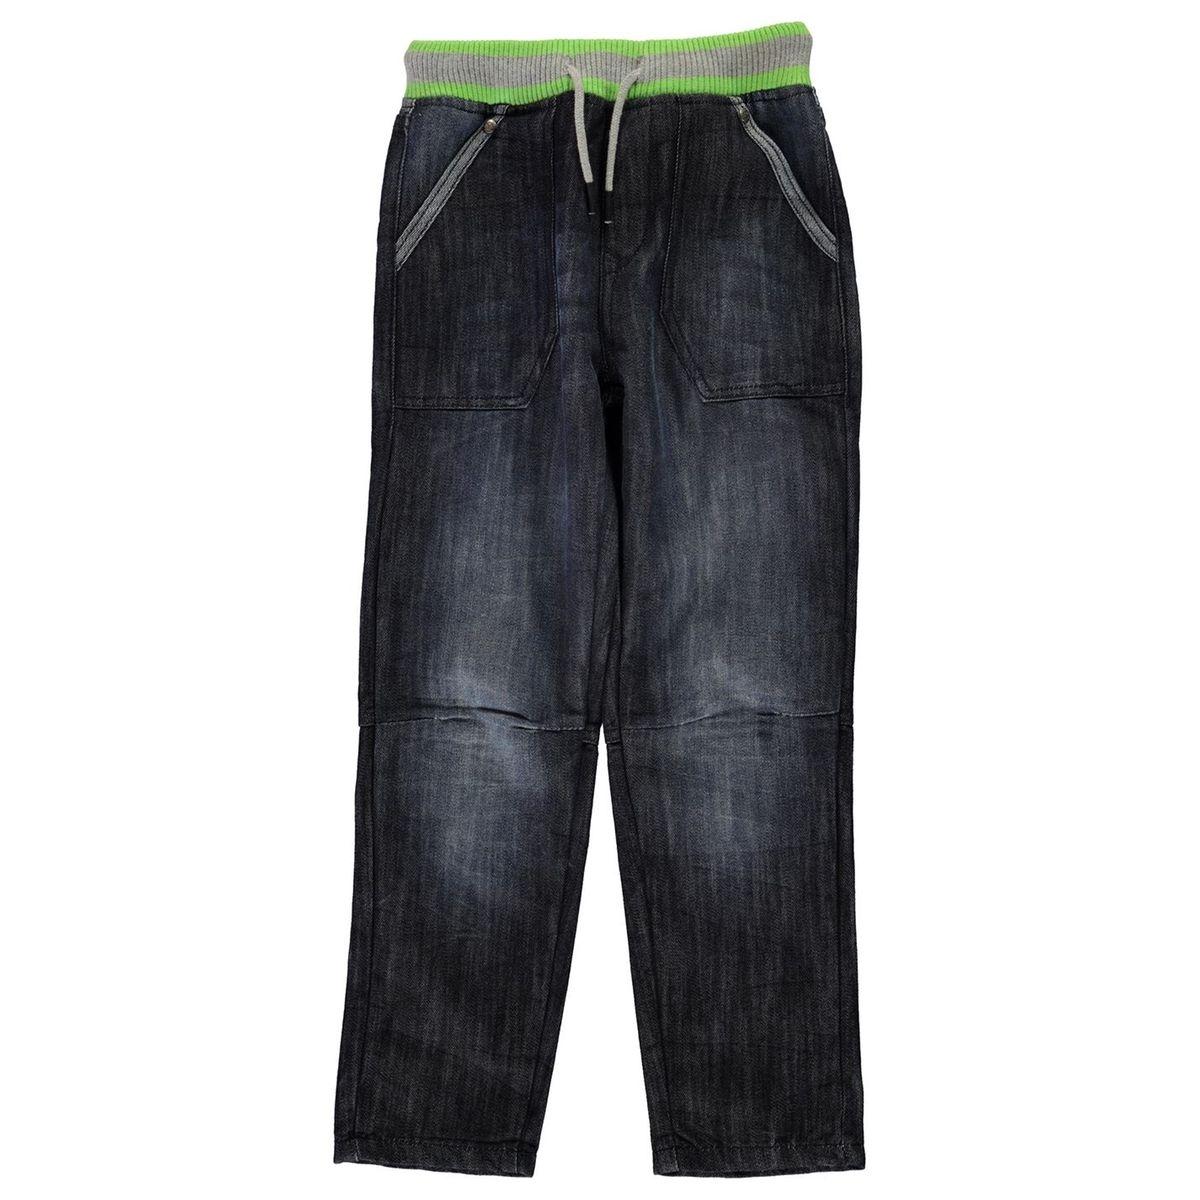 Jog jeans taille élastique